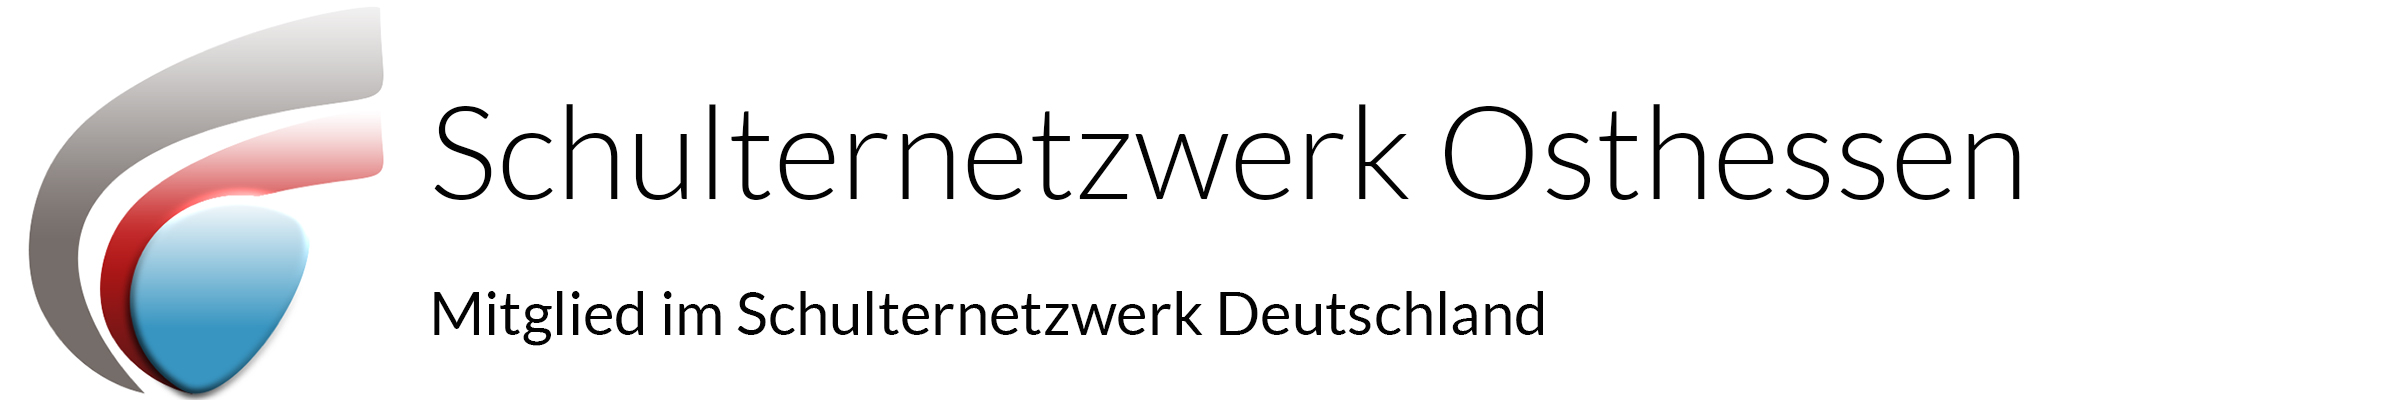 Schulternetzwerk Ost Hessen